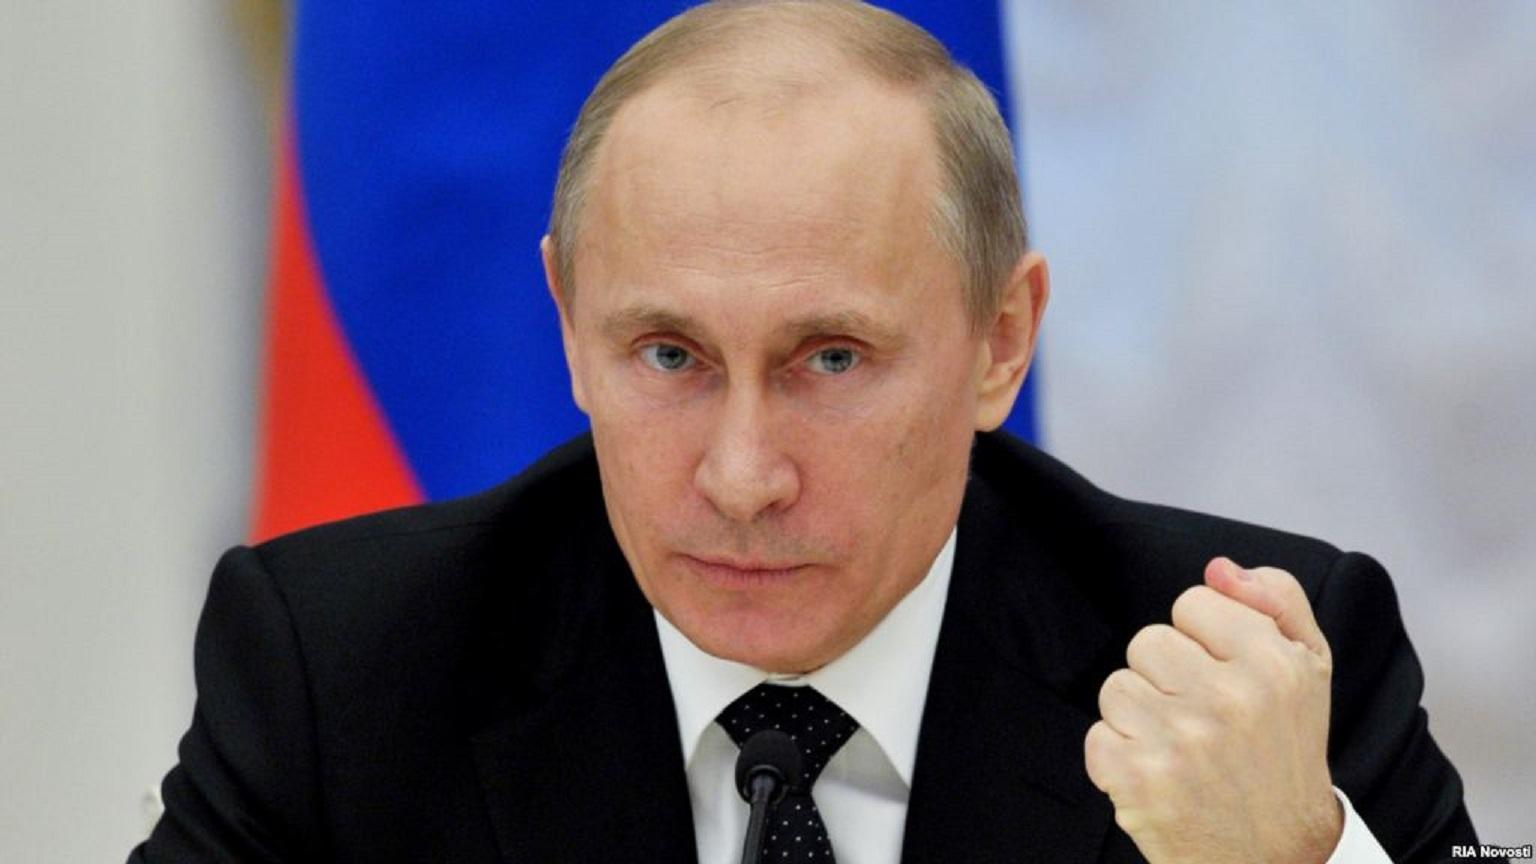 هل يتمسك بوتين برمز الحرب الأهلية؟